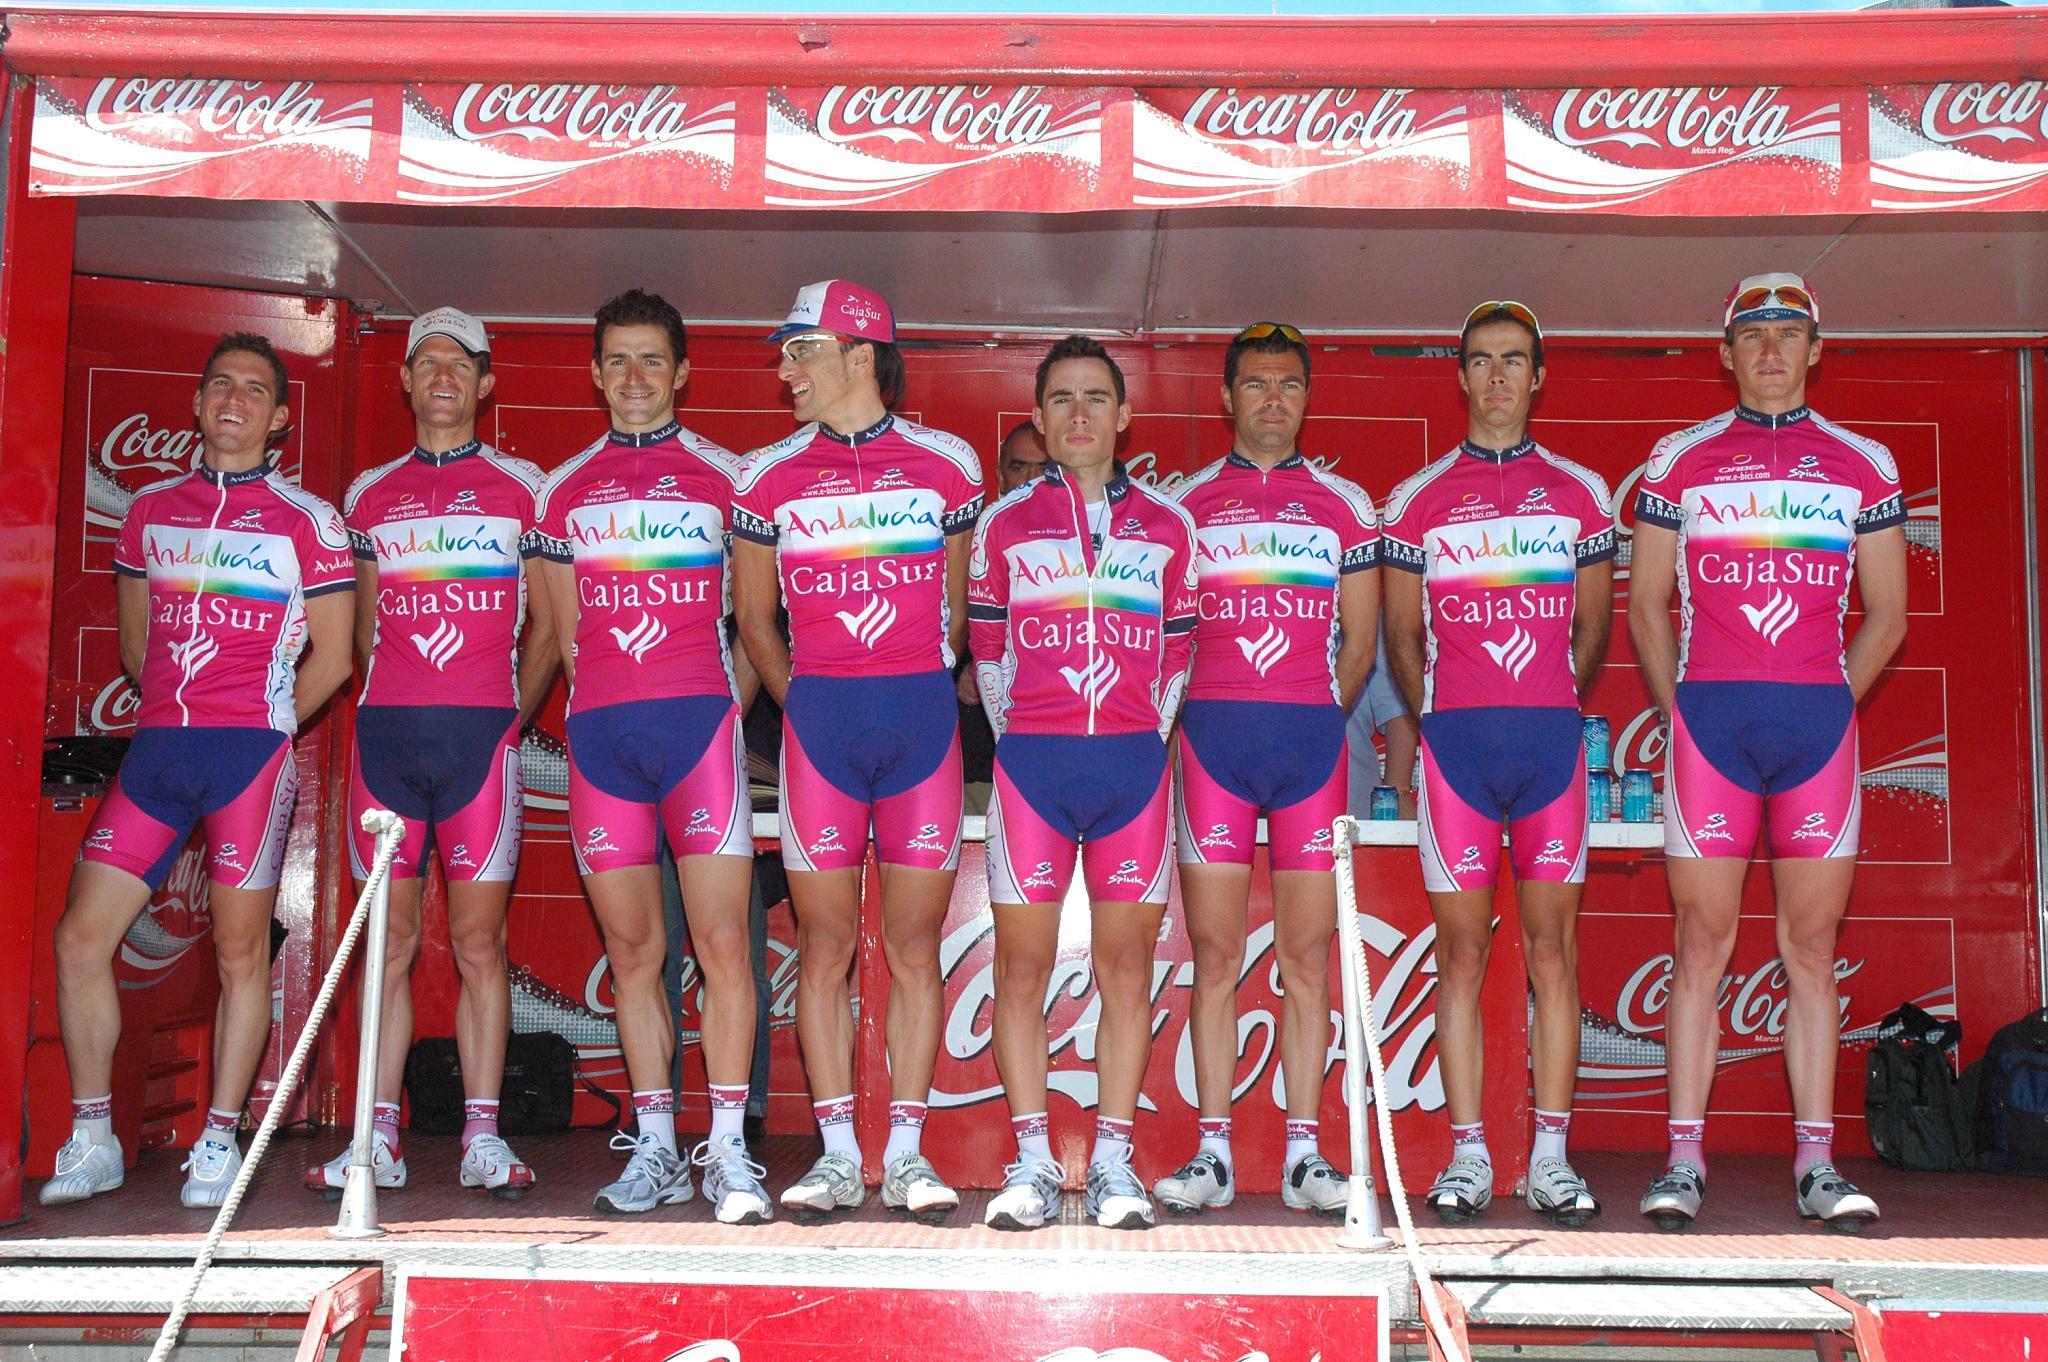 Foros de andalucia pes2014 for Equipos de ciclismo